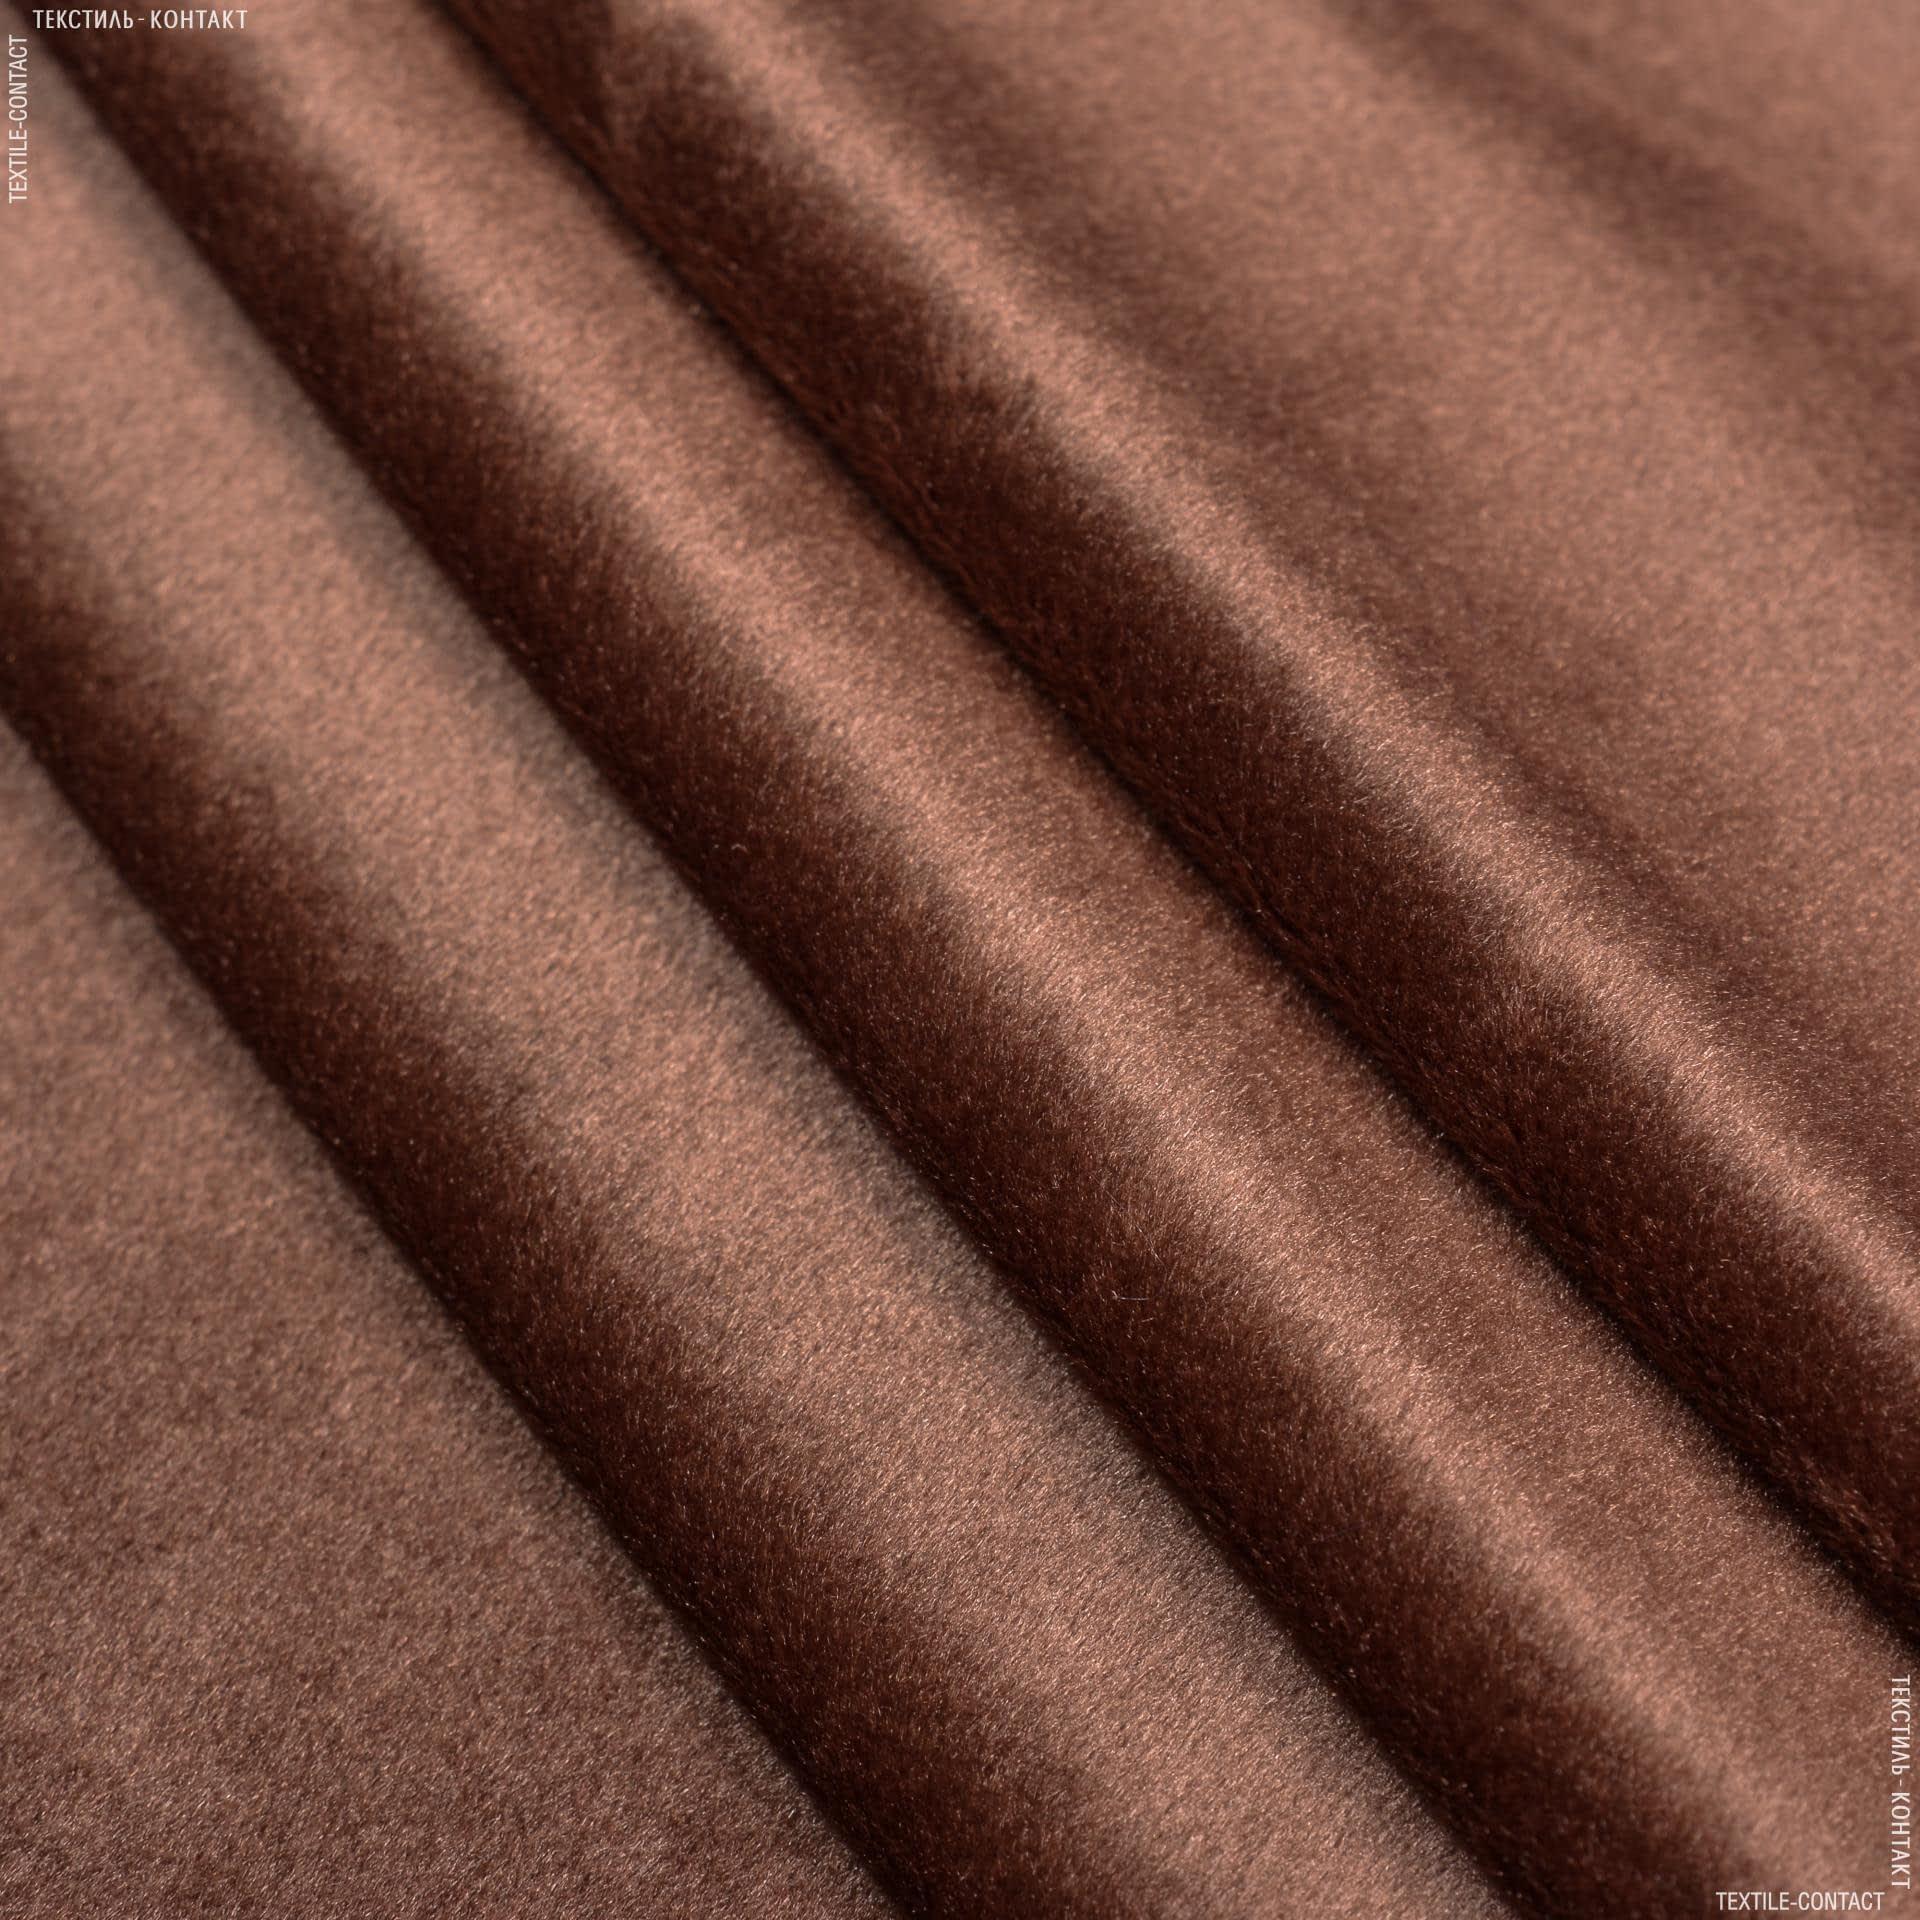 Тканини для дитячого одягу - Велюр шоколадний